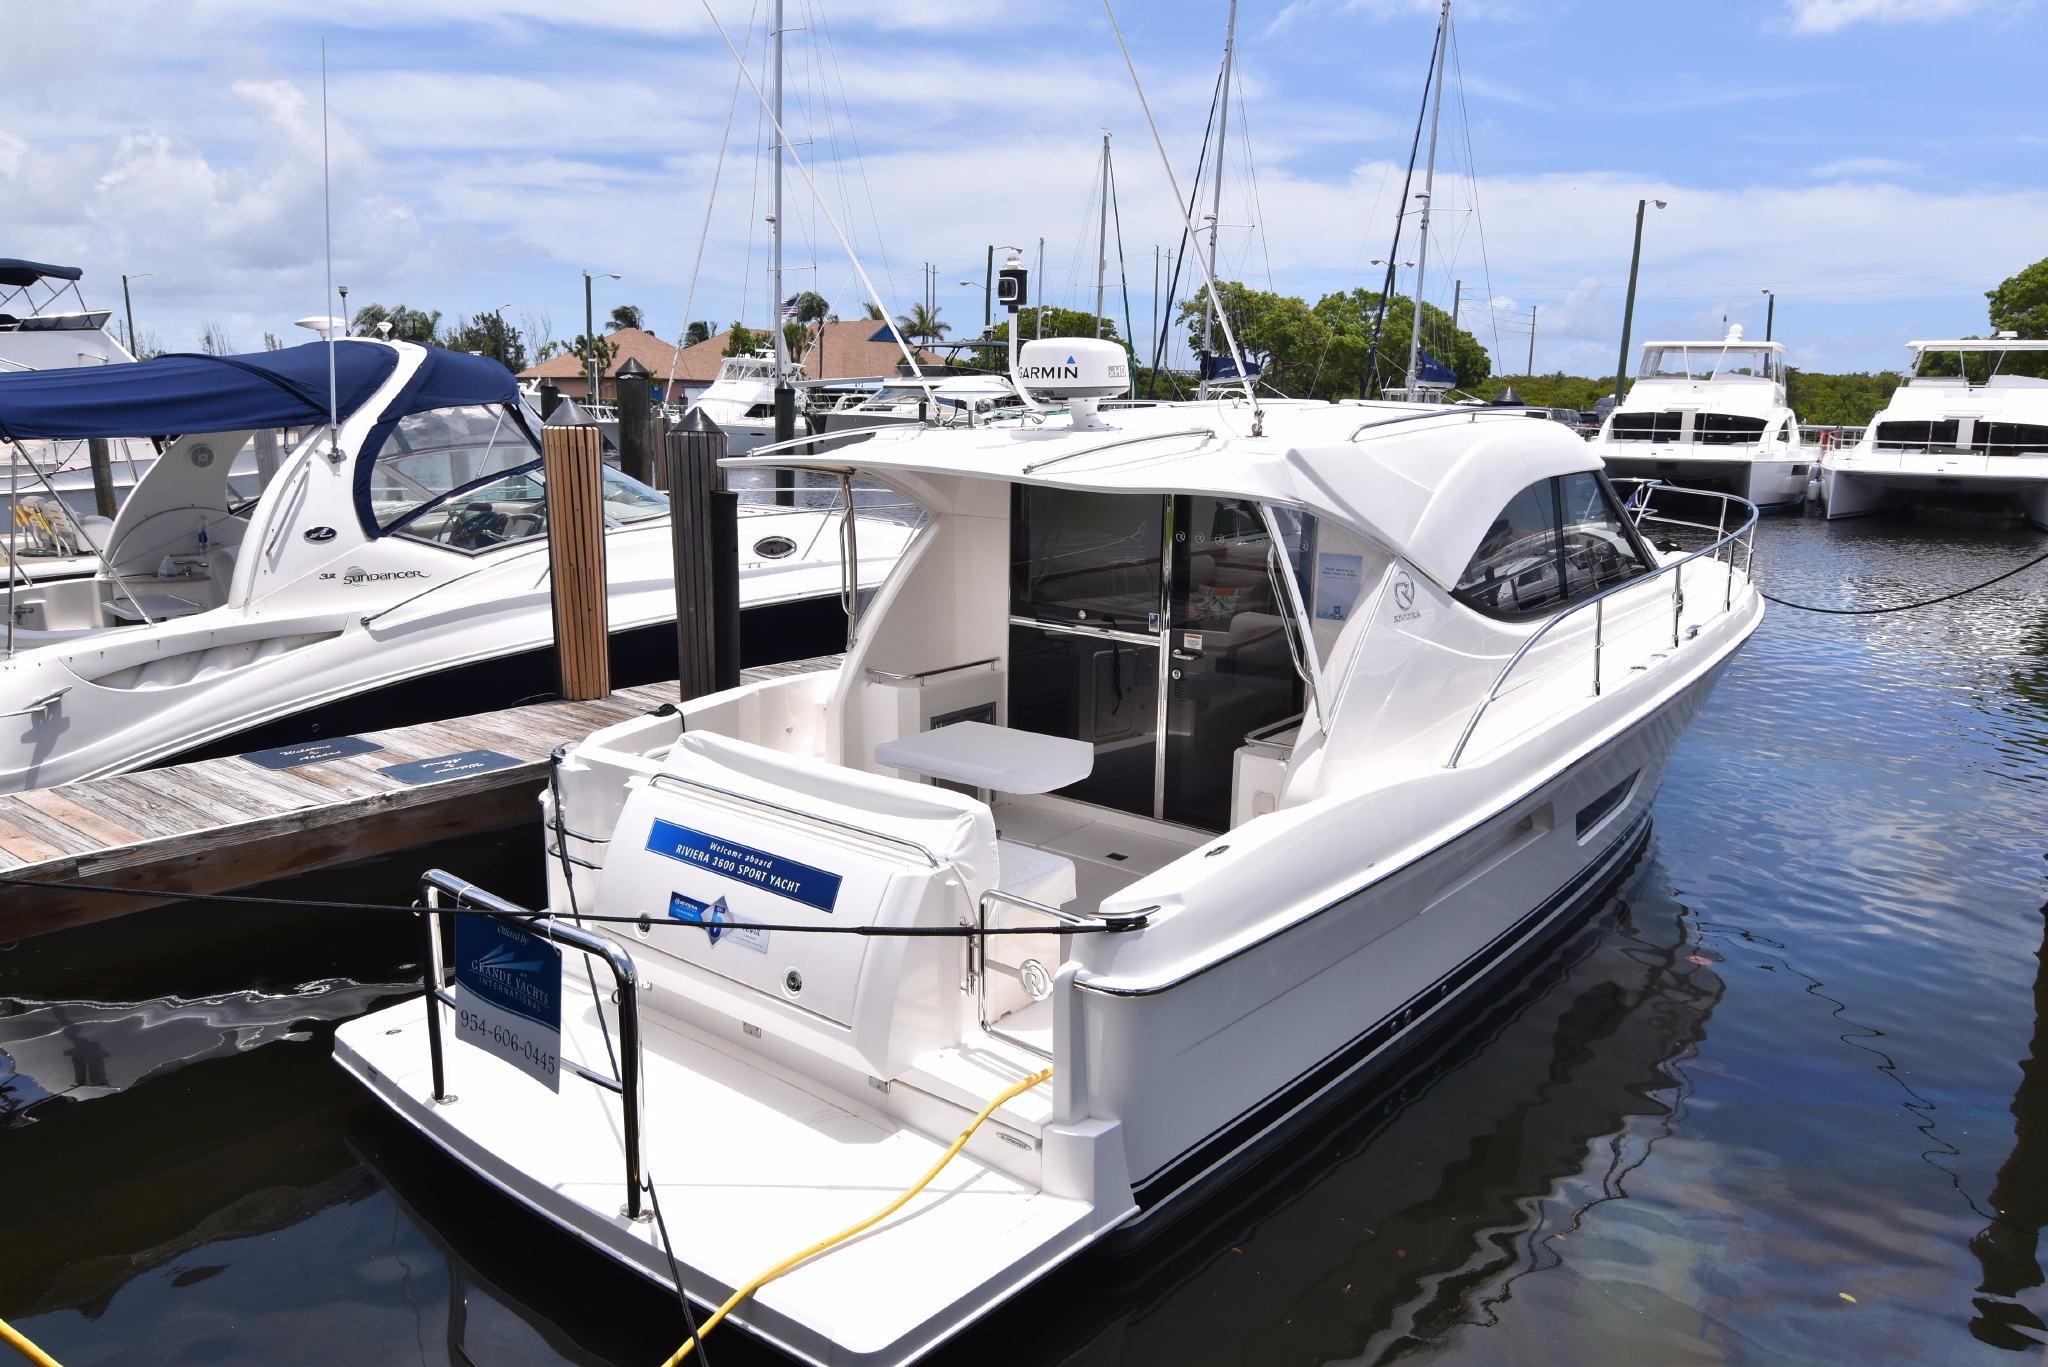 2017 Riviera 3600 Sport Yacht Power Boat For Sale Www